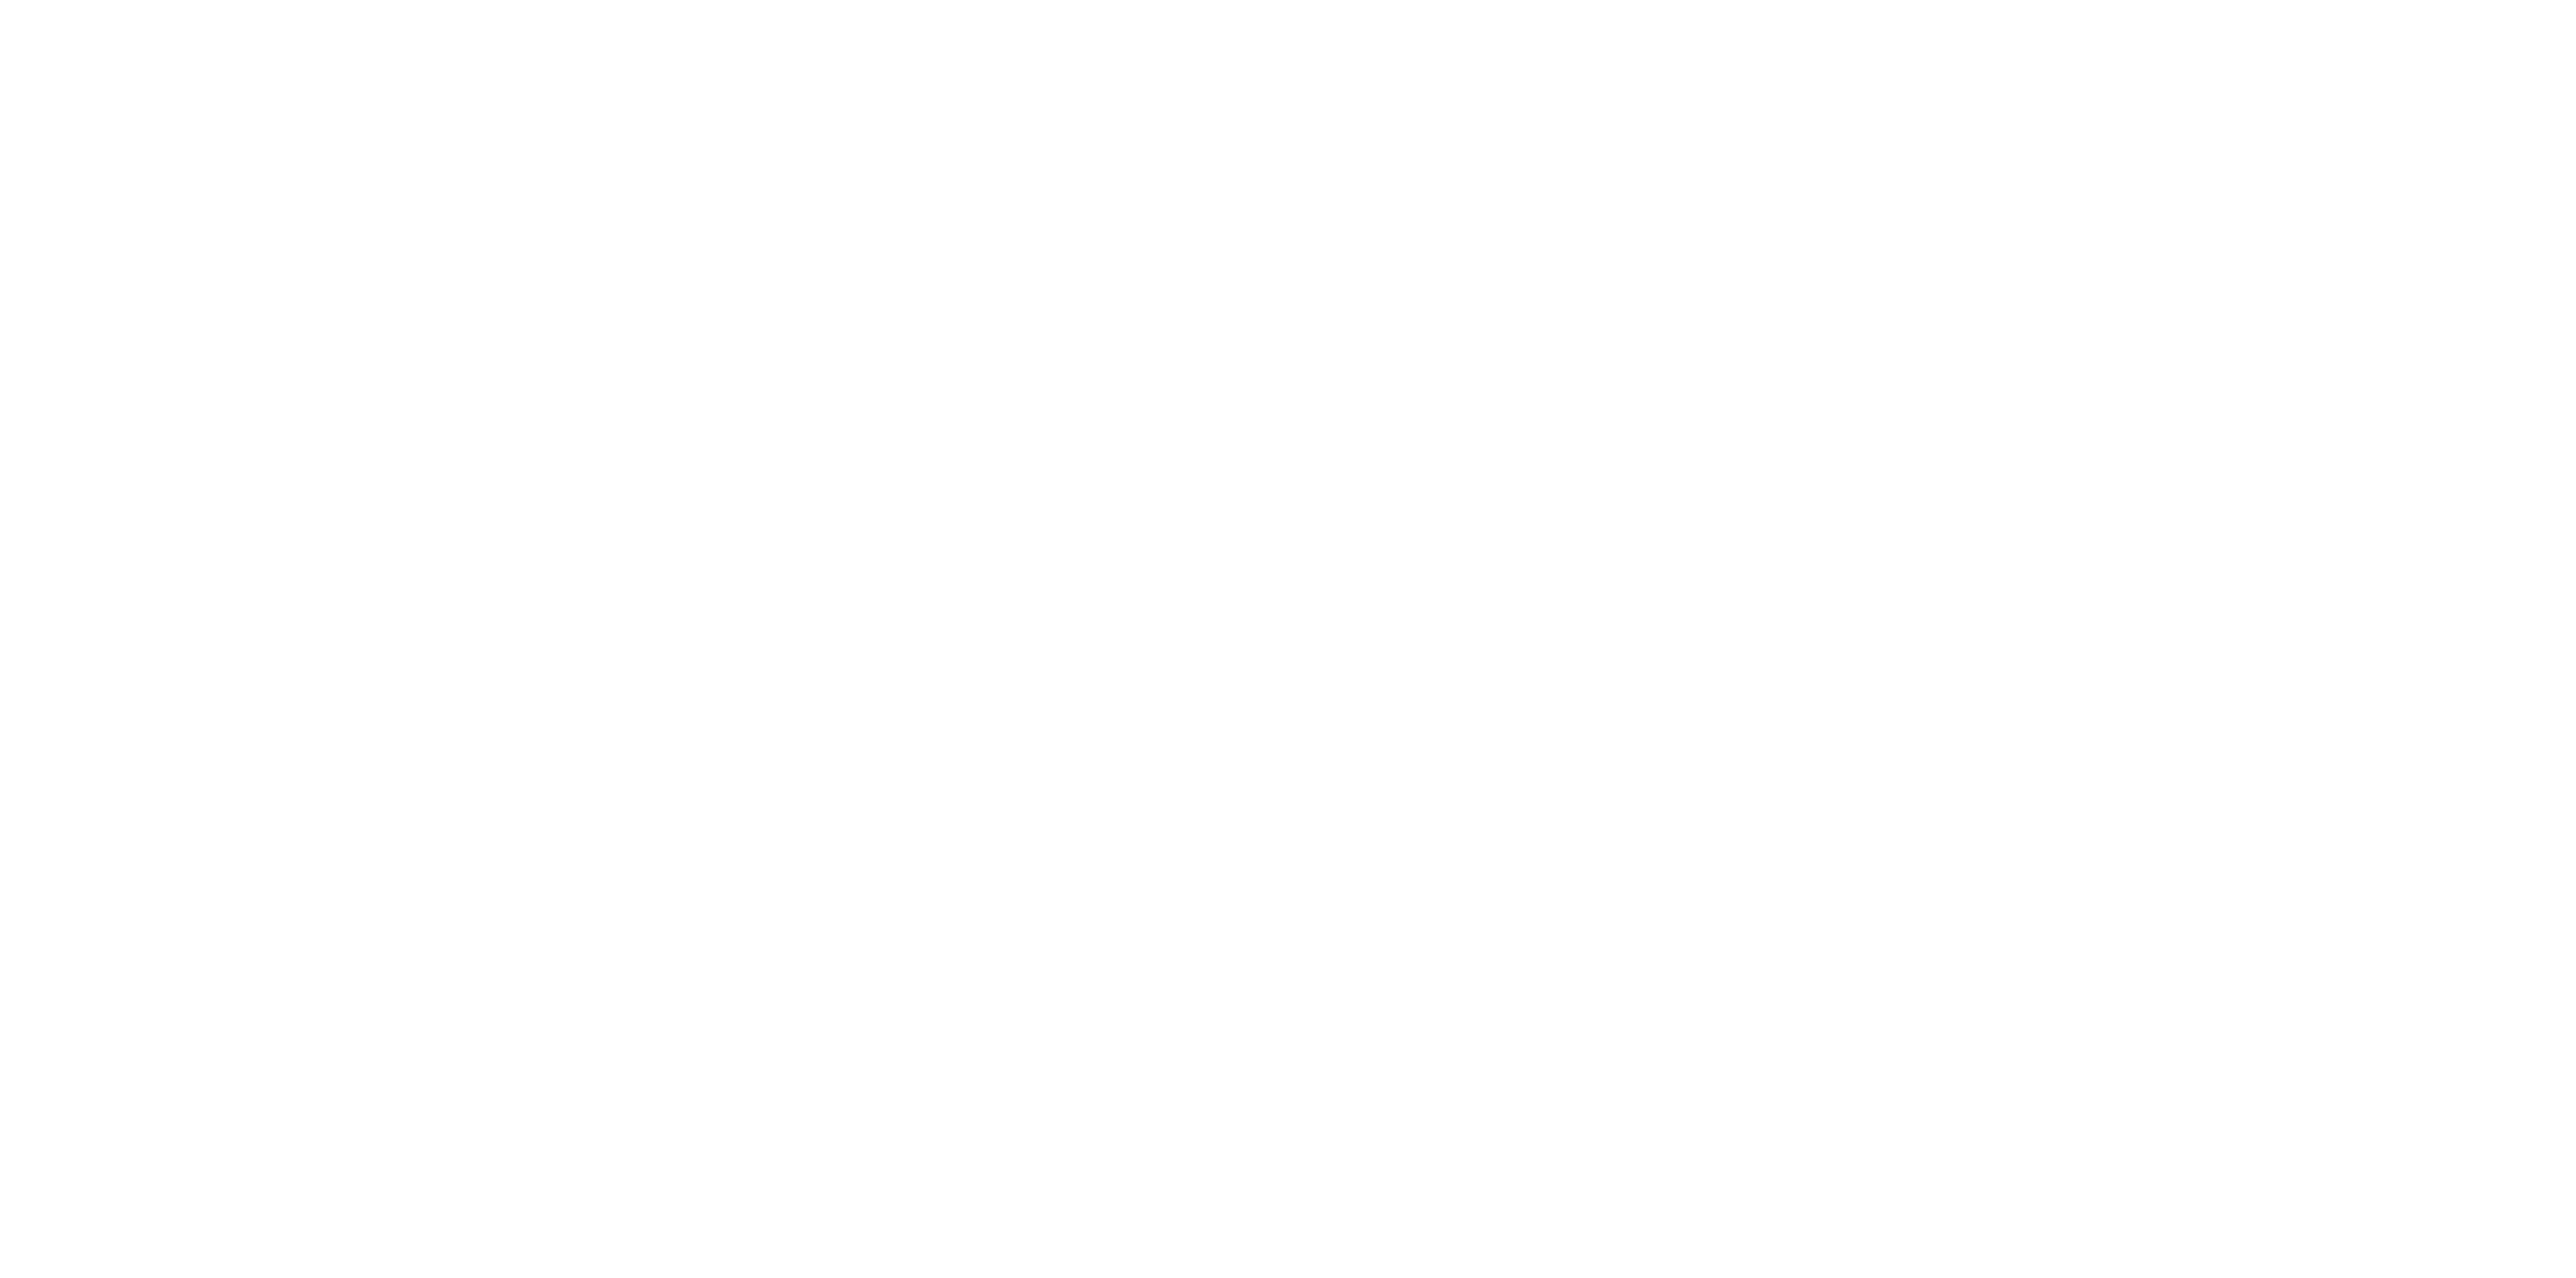 Viện Nghiên cứu Phát triển Kinh tế tuần hoàn ICED